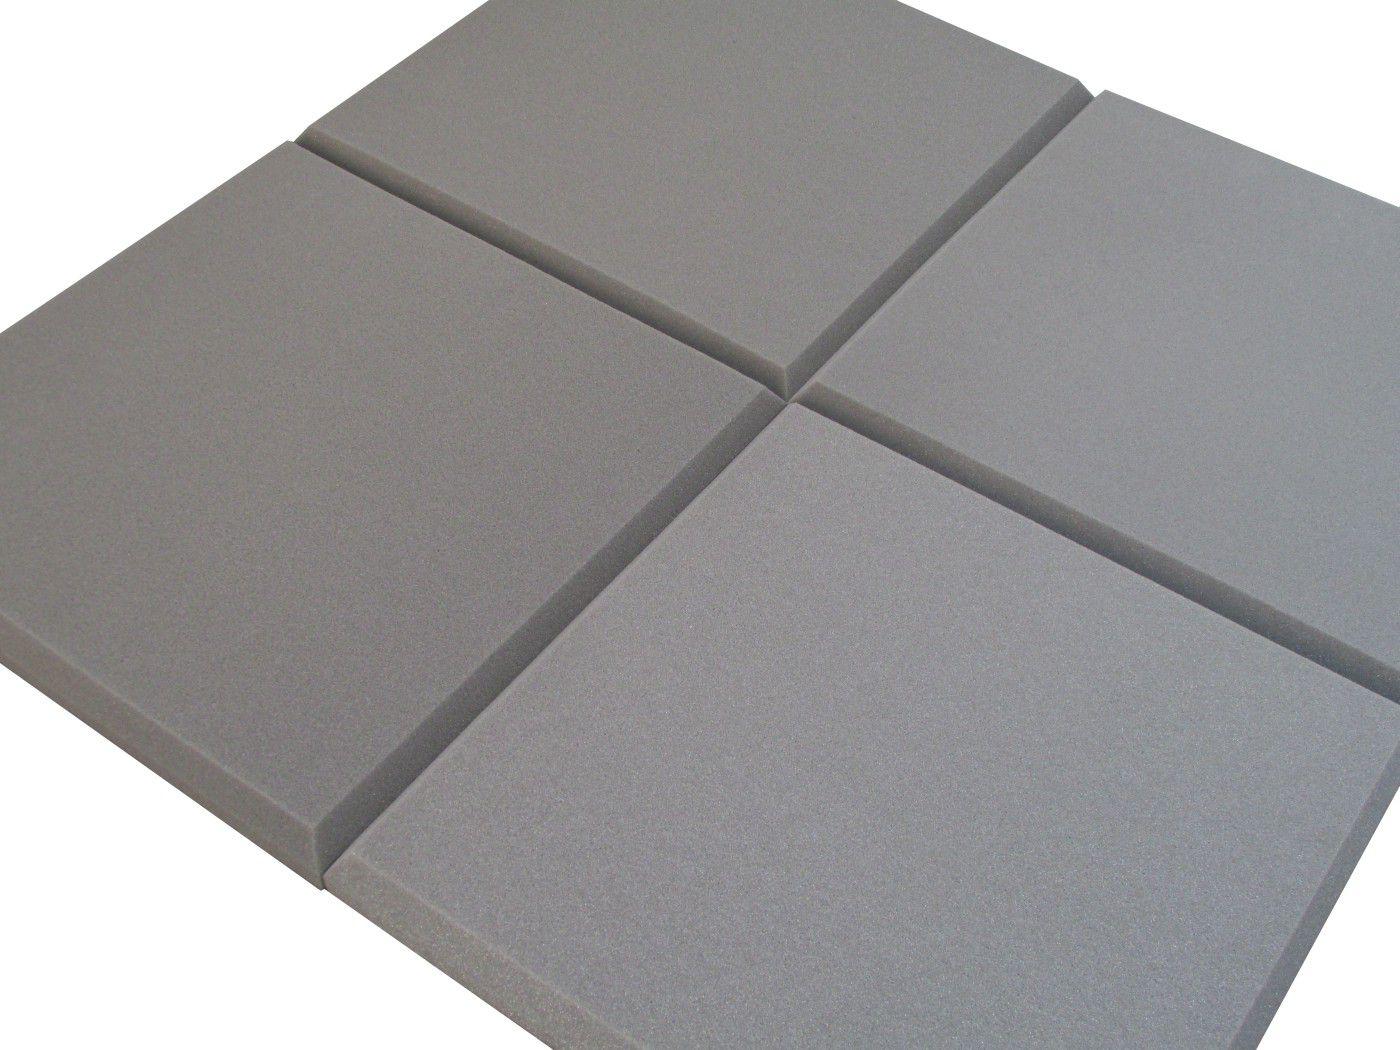 Espuma Acústica - REV - P - Kit 4 peças (1m²) 45mm  - Loja SPL Acústica